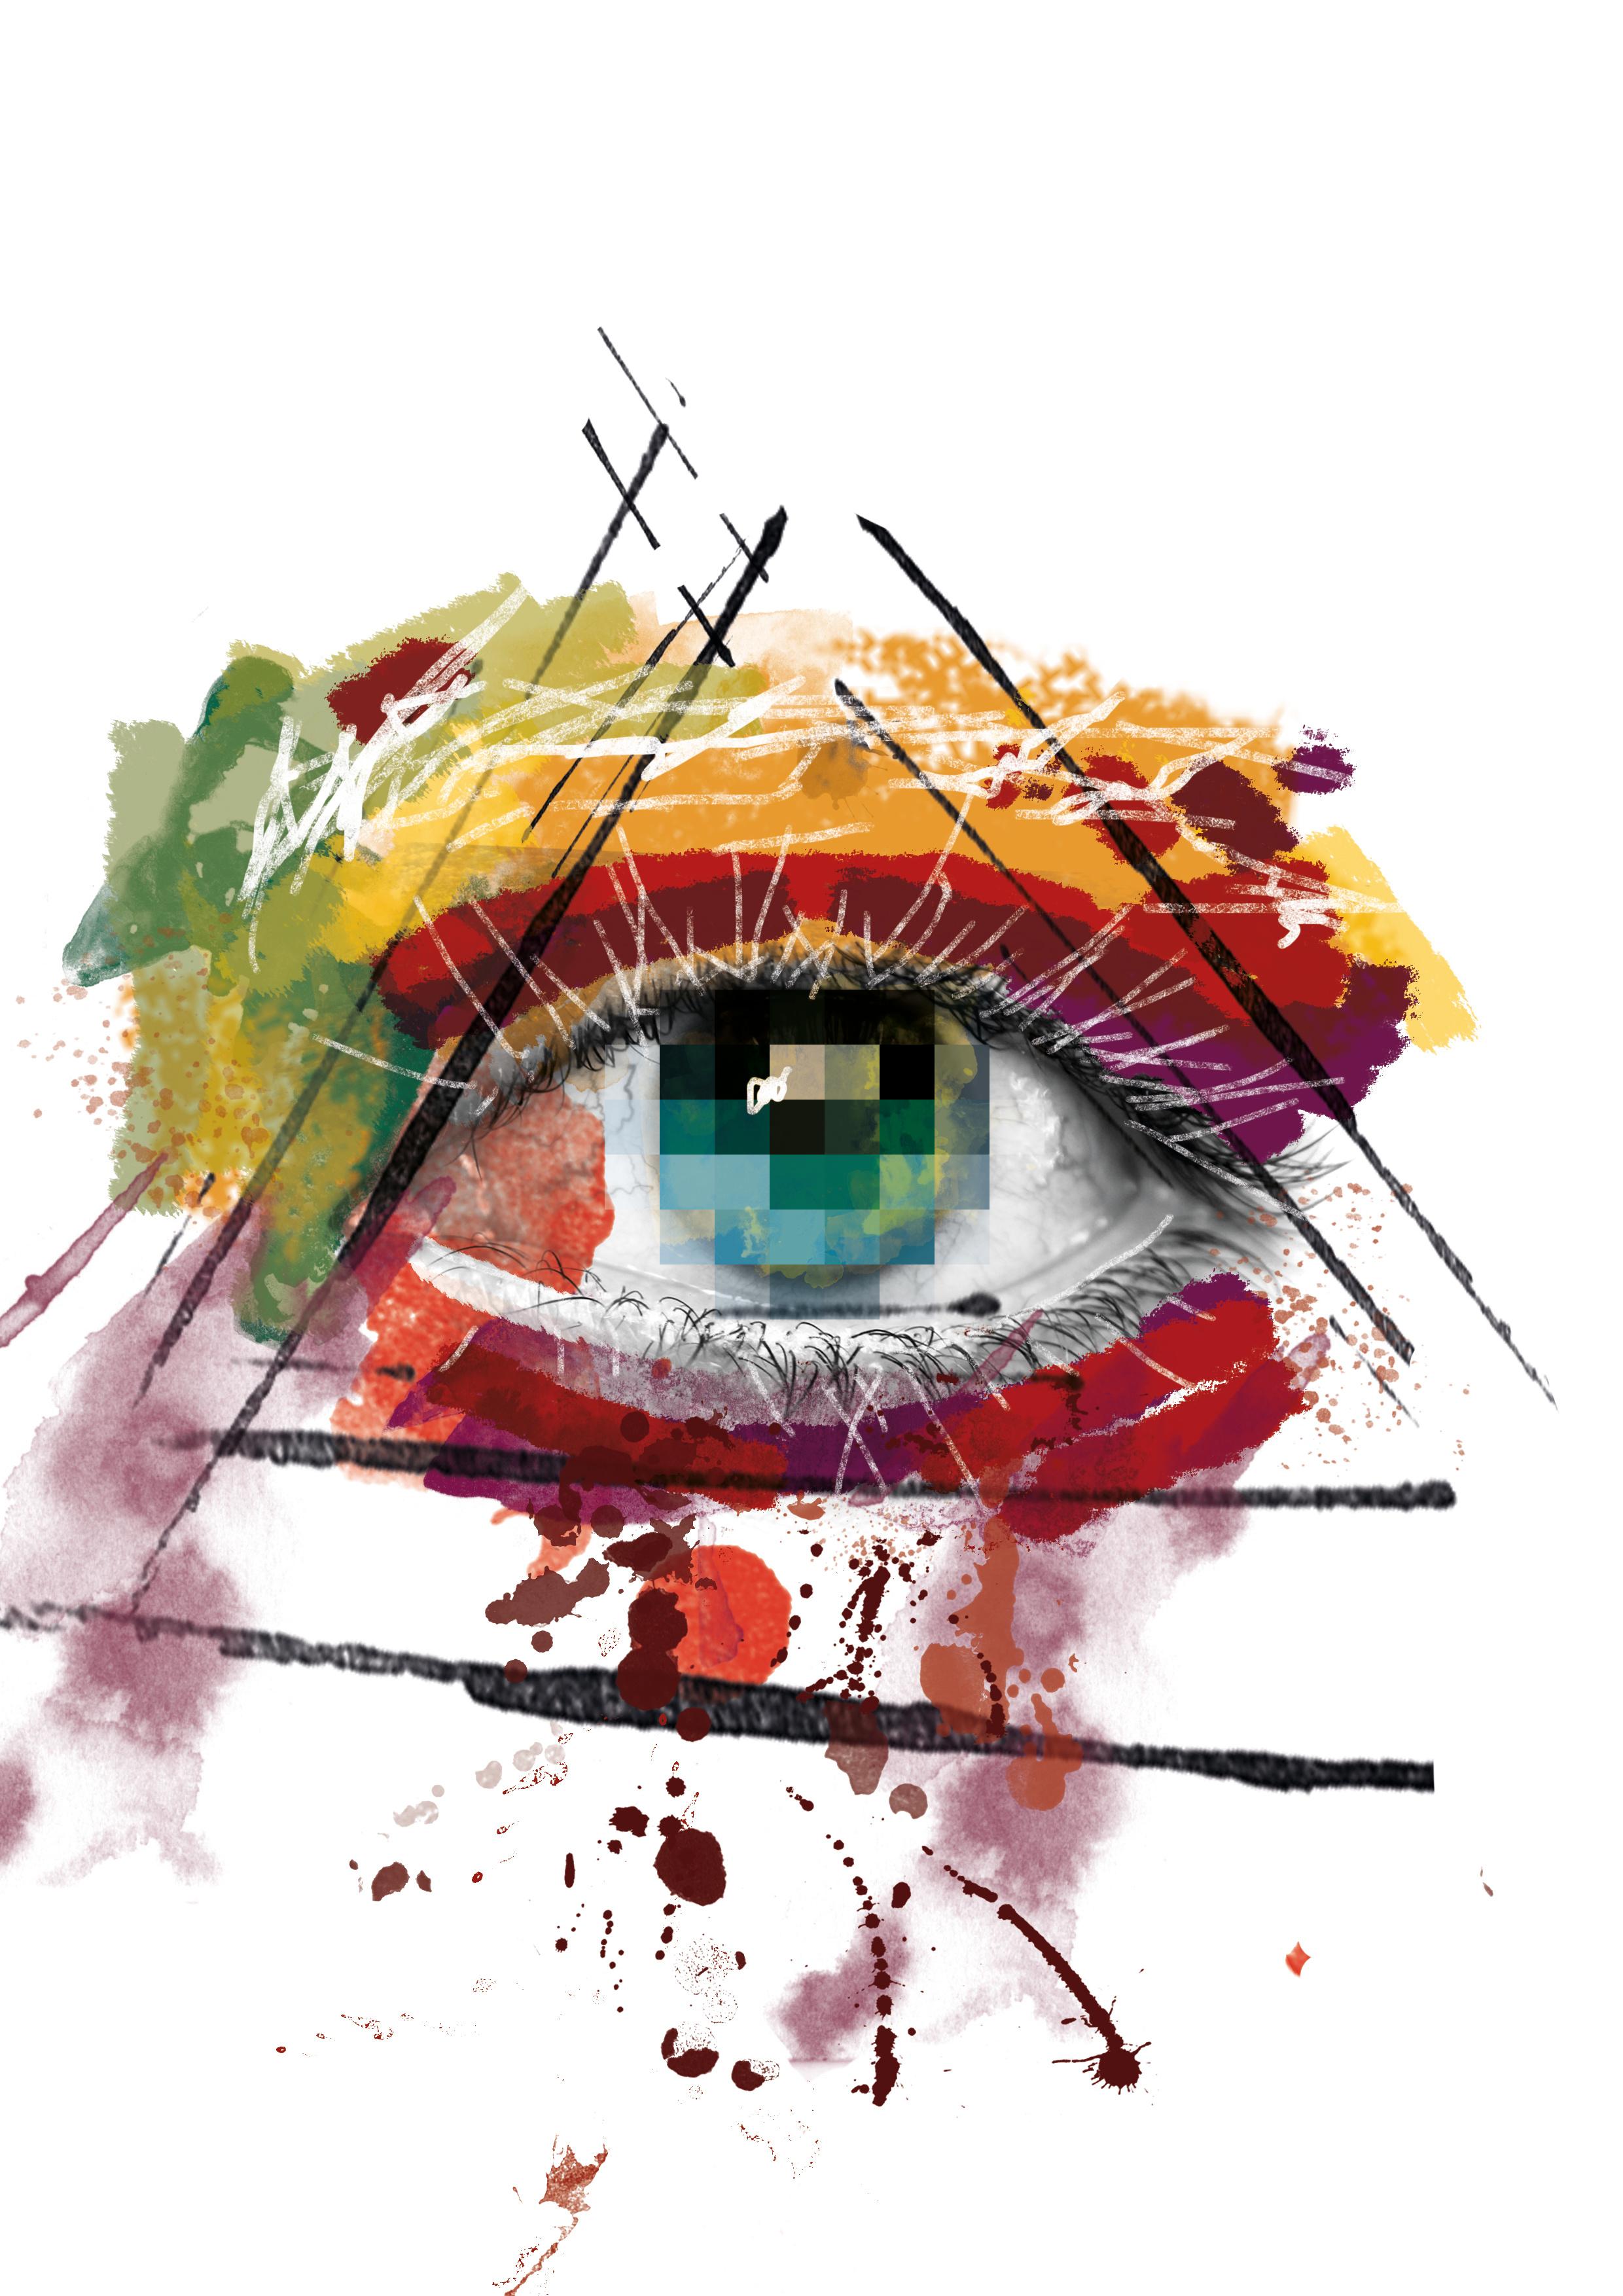 eyeallpixel